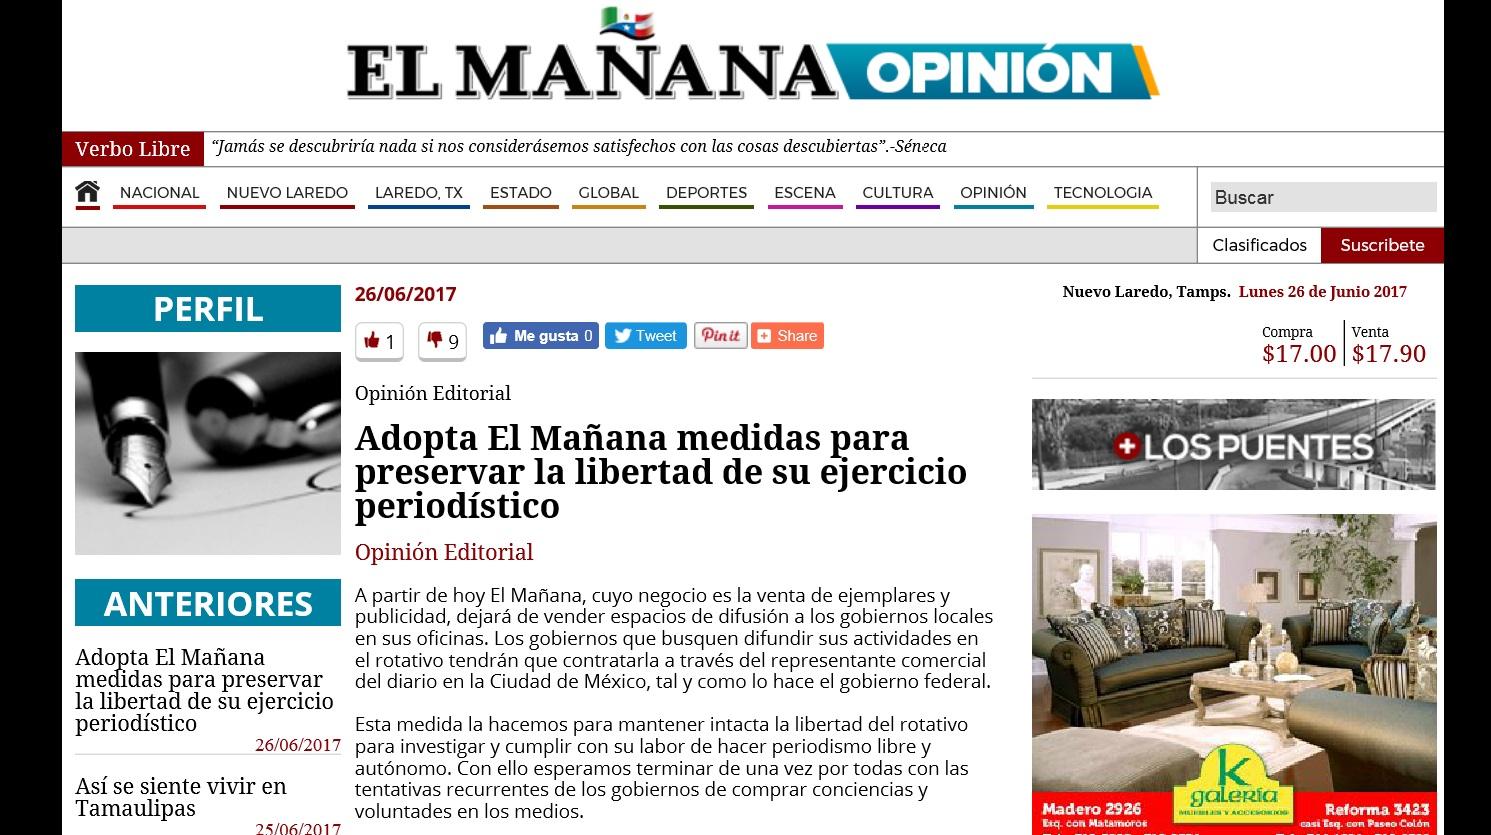 Periódico El Mañana de Nuevo Laredo advierte ataque del gobierno; anuncia  medidas para preservar libertad